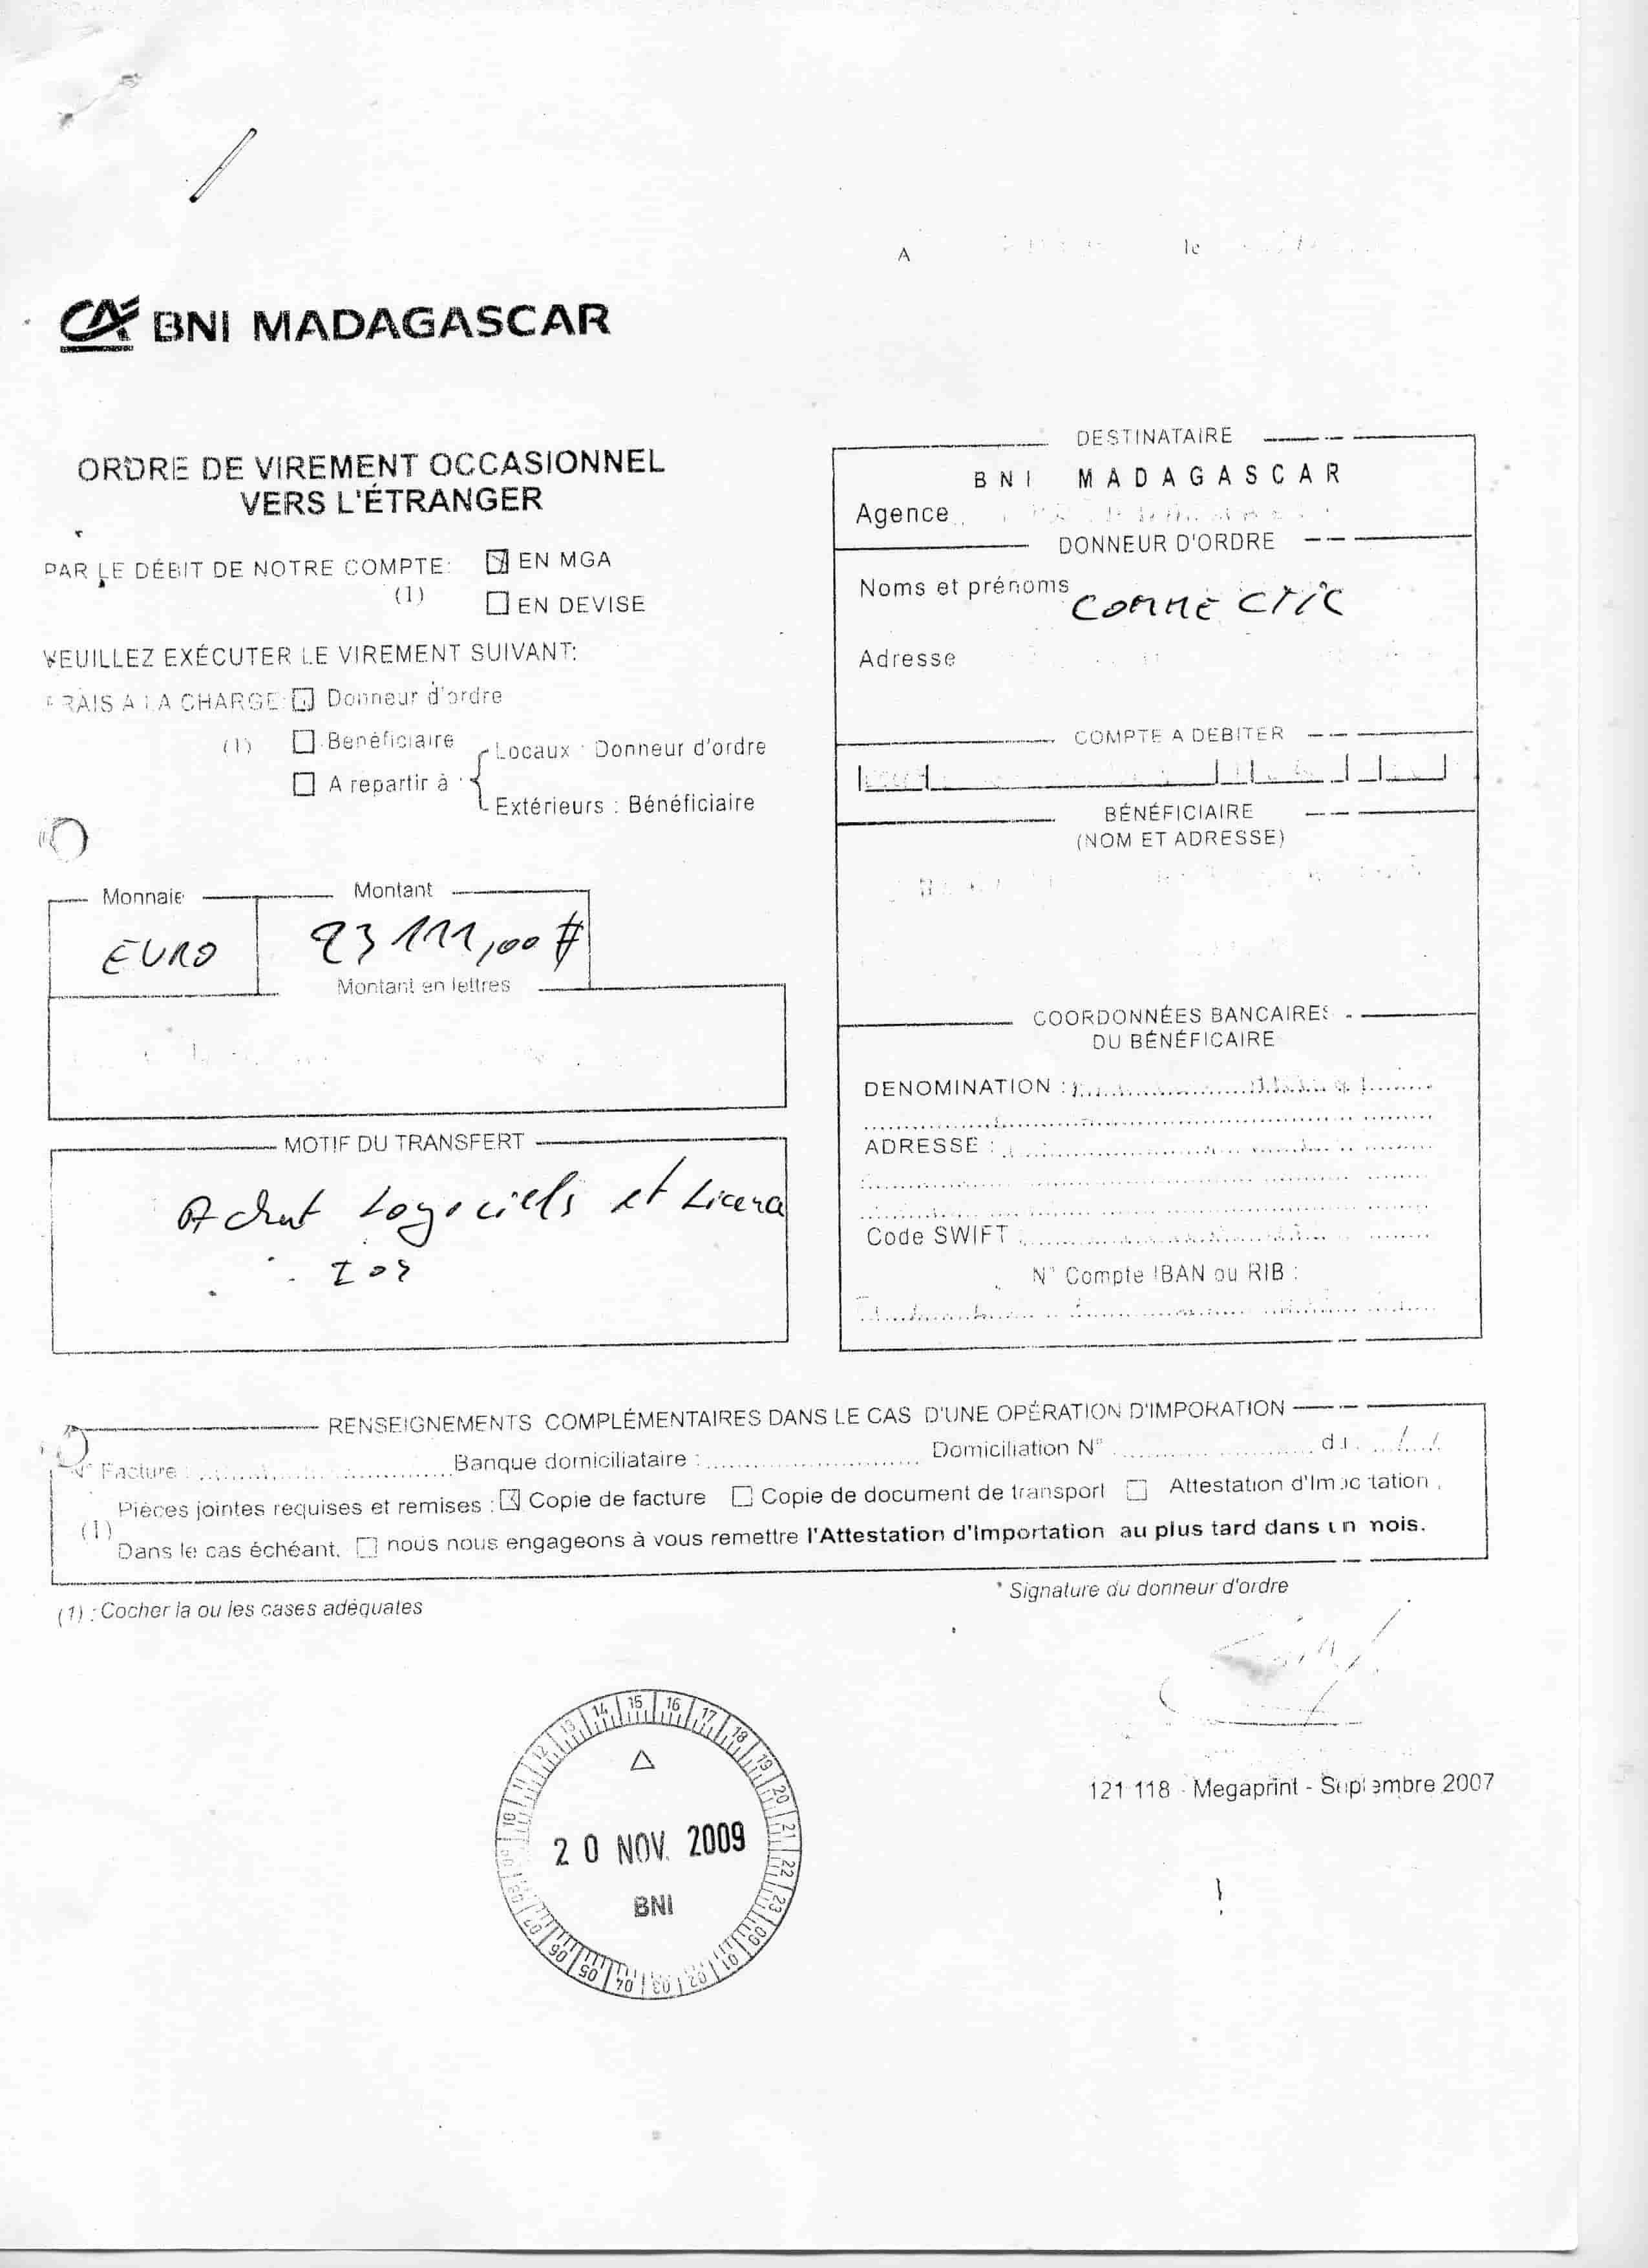 Virement 2009 signé par RANARISON Tsilavo 9 min 1 - En 2009, RANARISON Tsilavo a signé TOUS les ordres de virements bancaires de CONNECTIC Madagascar  vers EMERGENT